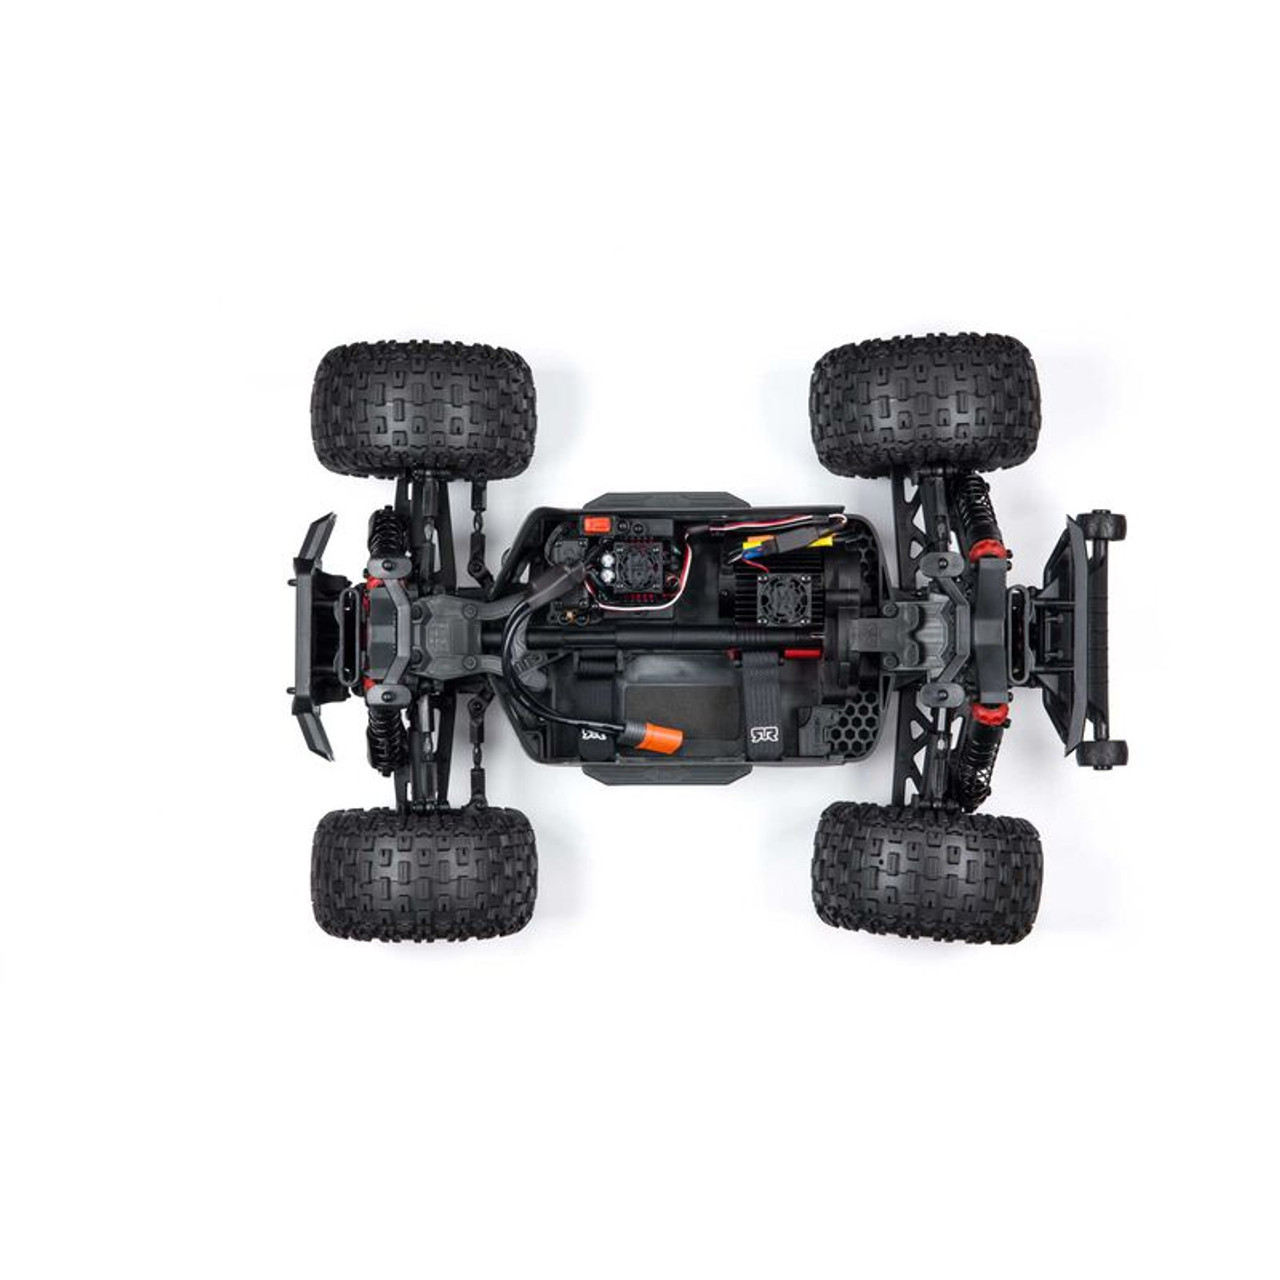 Arrma Granite 4X4 V3 3S BLX 1/10 RTR Brushless 4WD Monster Truck (Red) w/ Spektrum SLT3 2.4GHz Radio